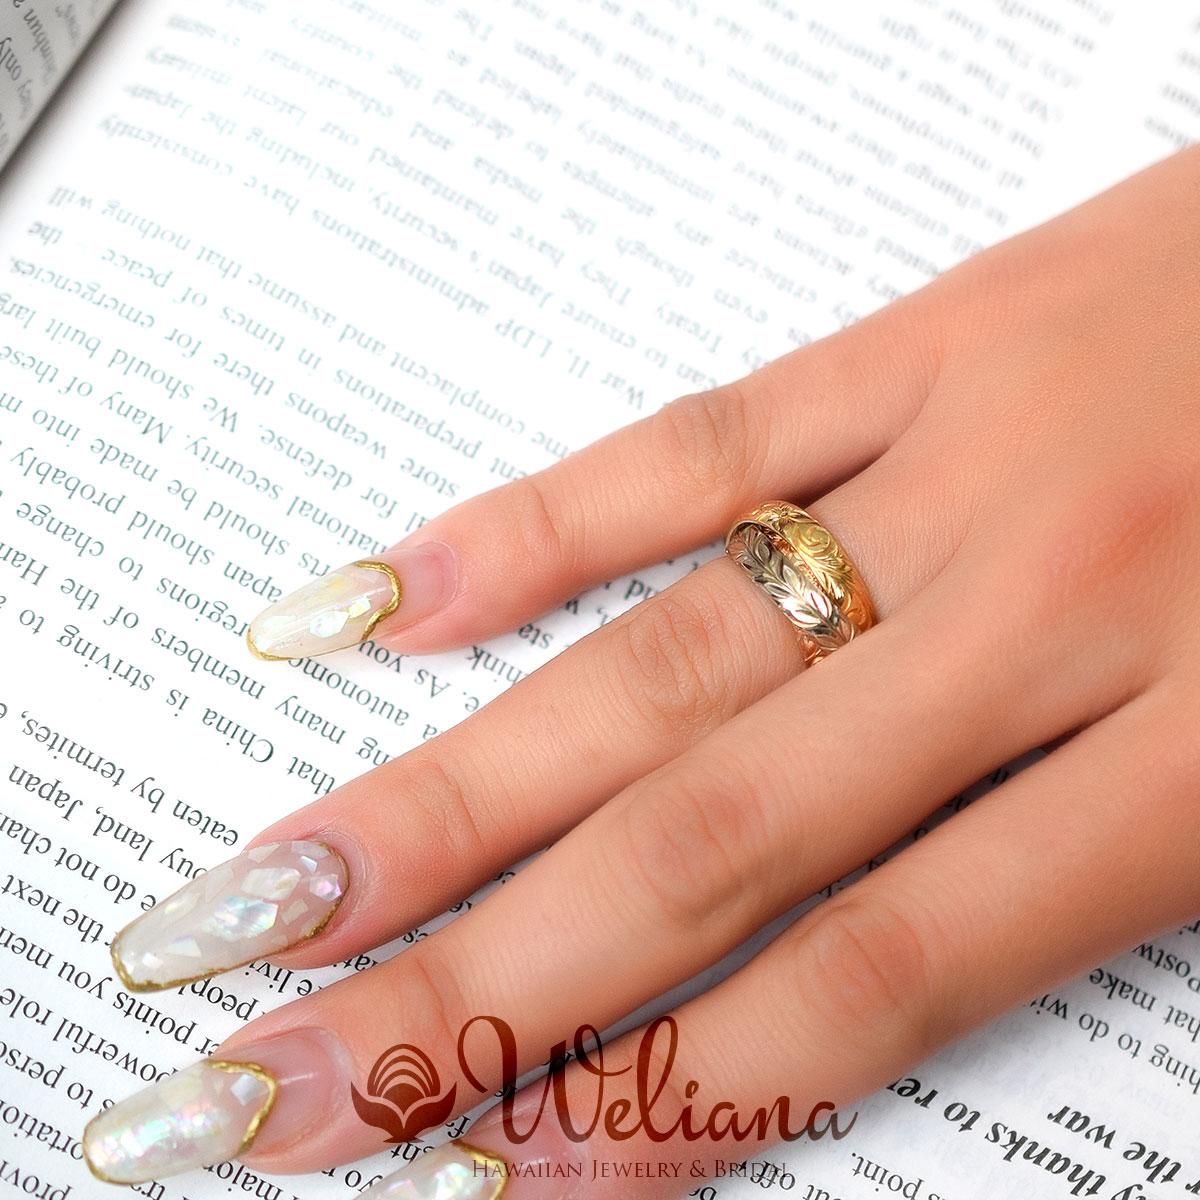 ハワイアンジュエリー  結婚指輪 3連リング バレル カットアウト・ ゴールドリング cdr053